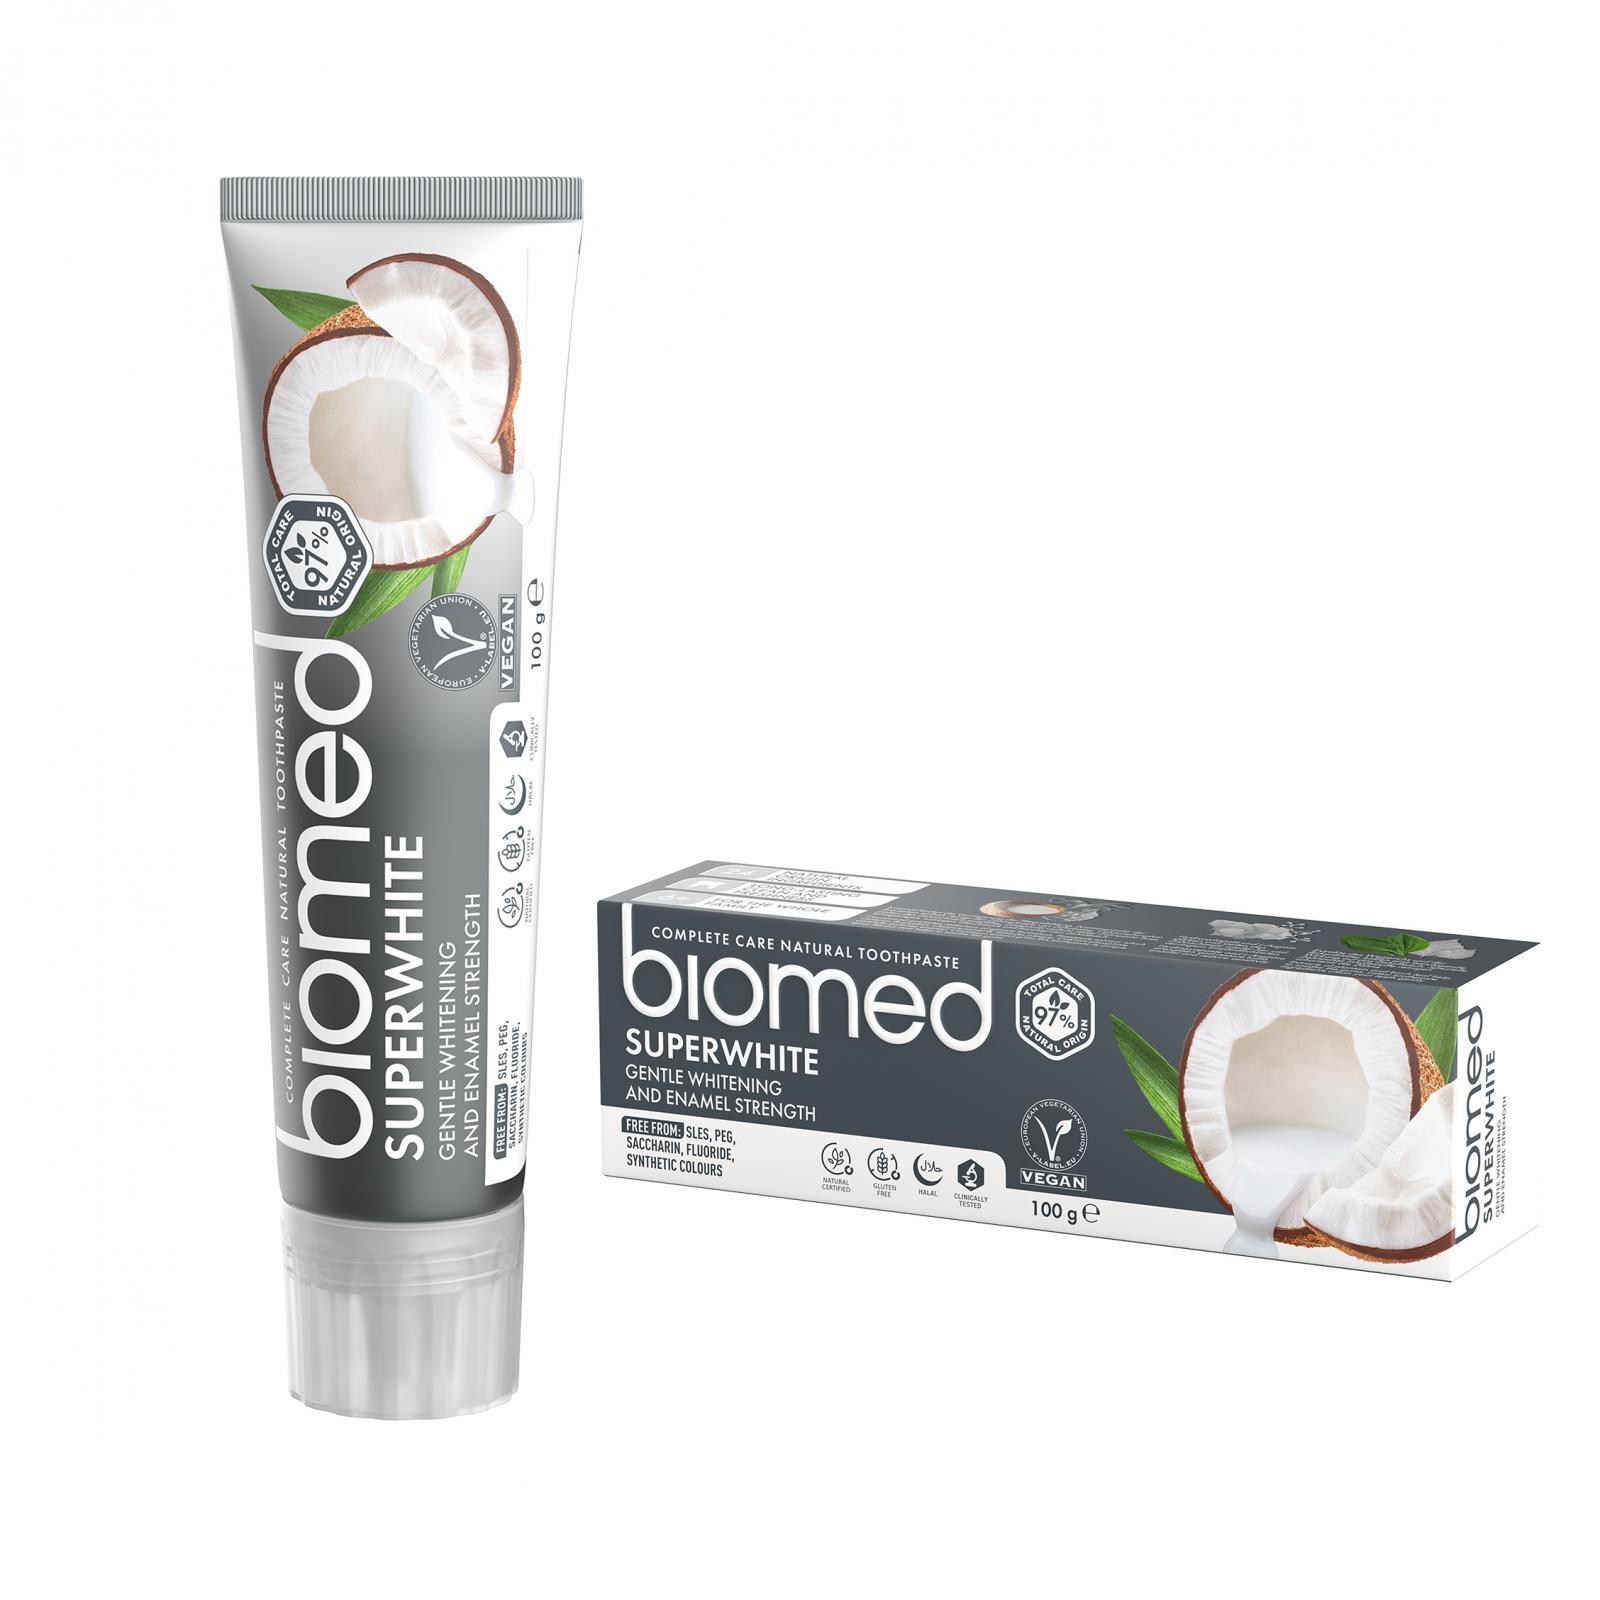 BIOMED Superwhite zubní pasta 100 g